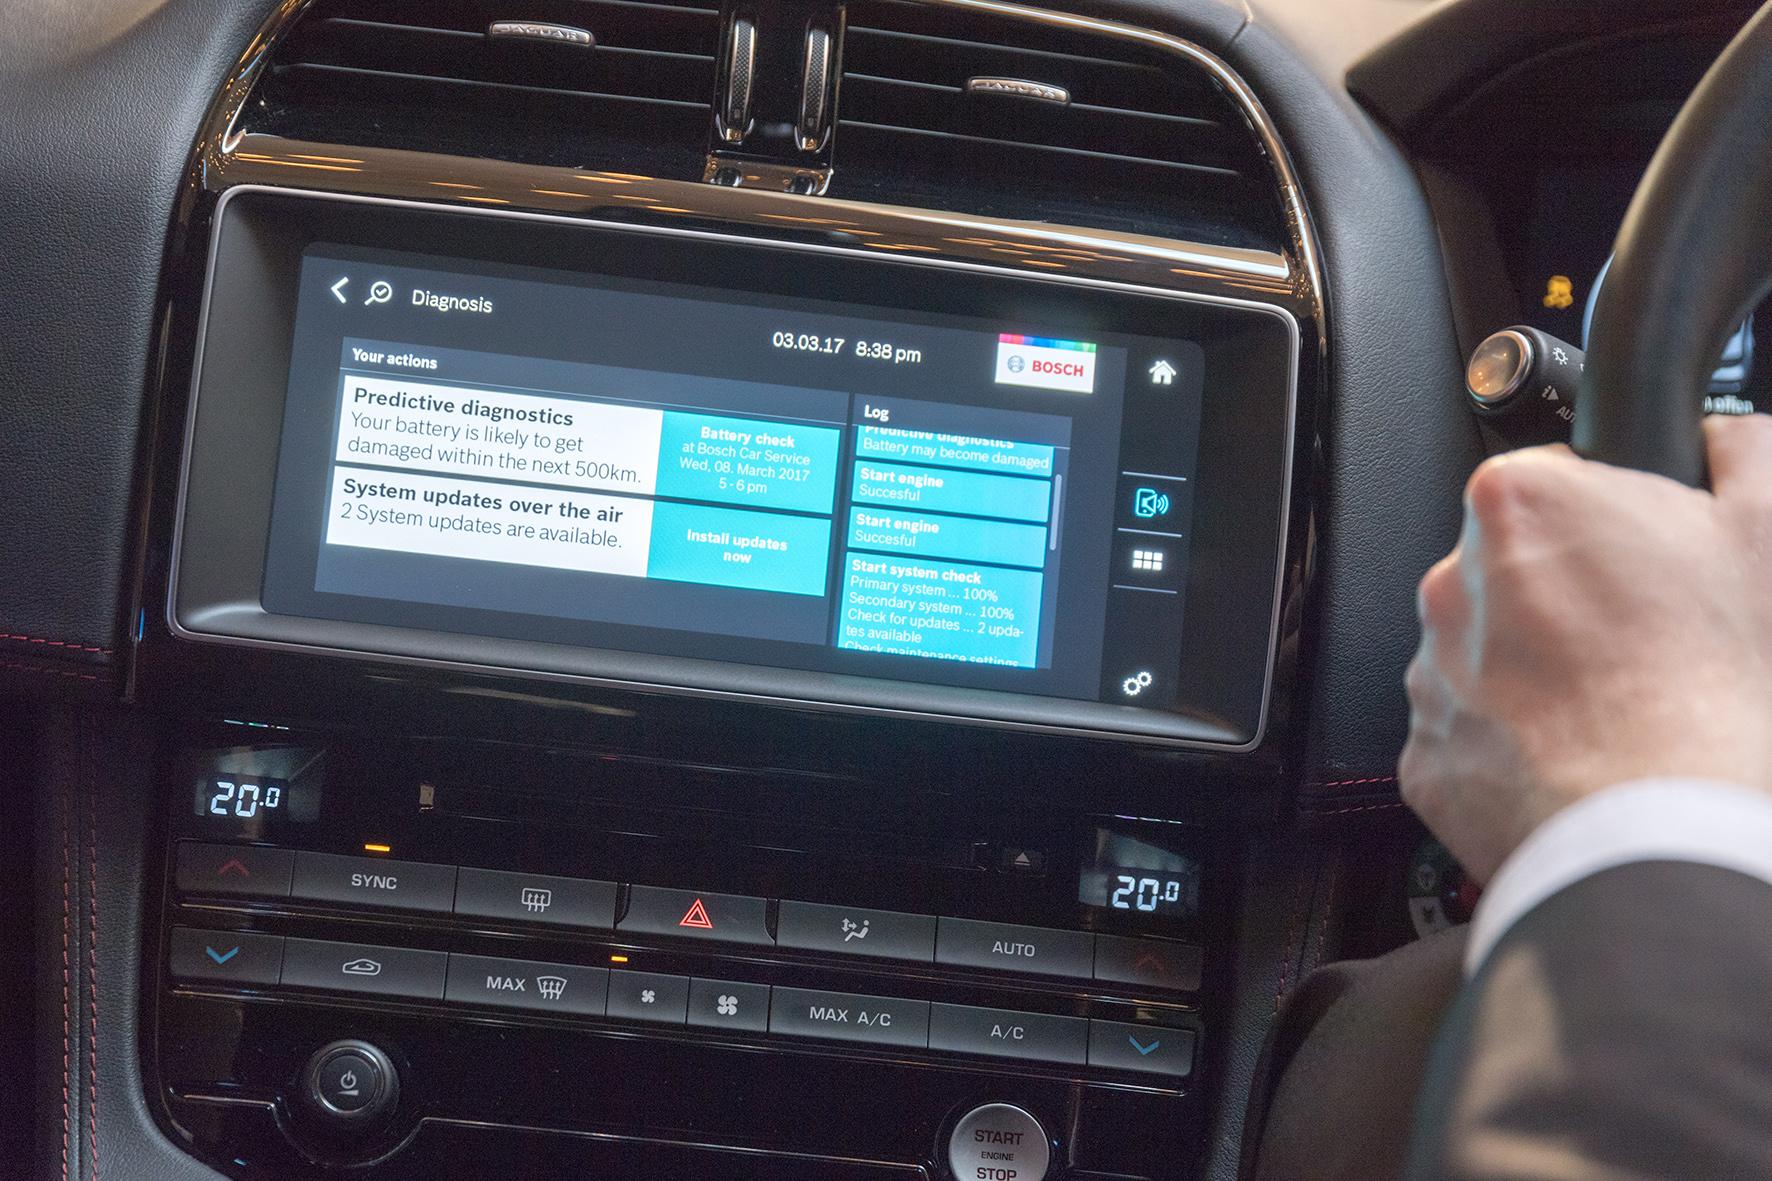 Demo-Fahrzeug für vernetzte Mobilitätsdienste